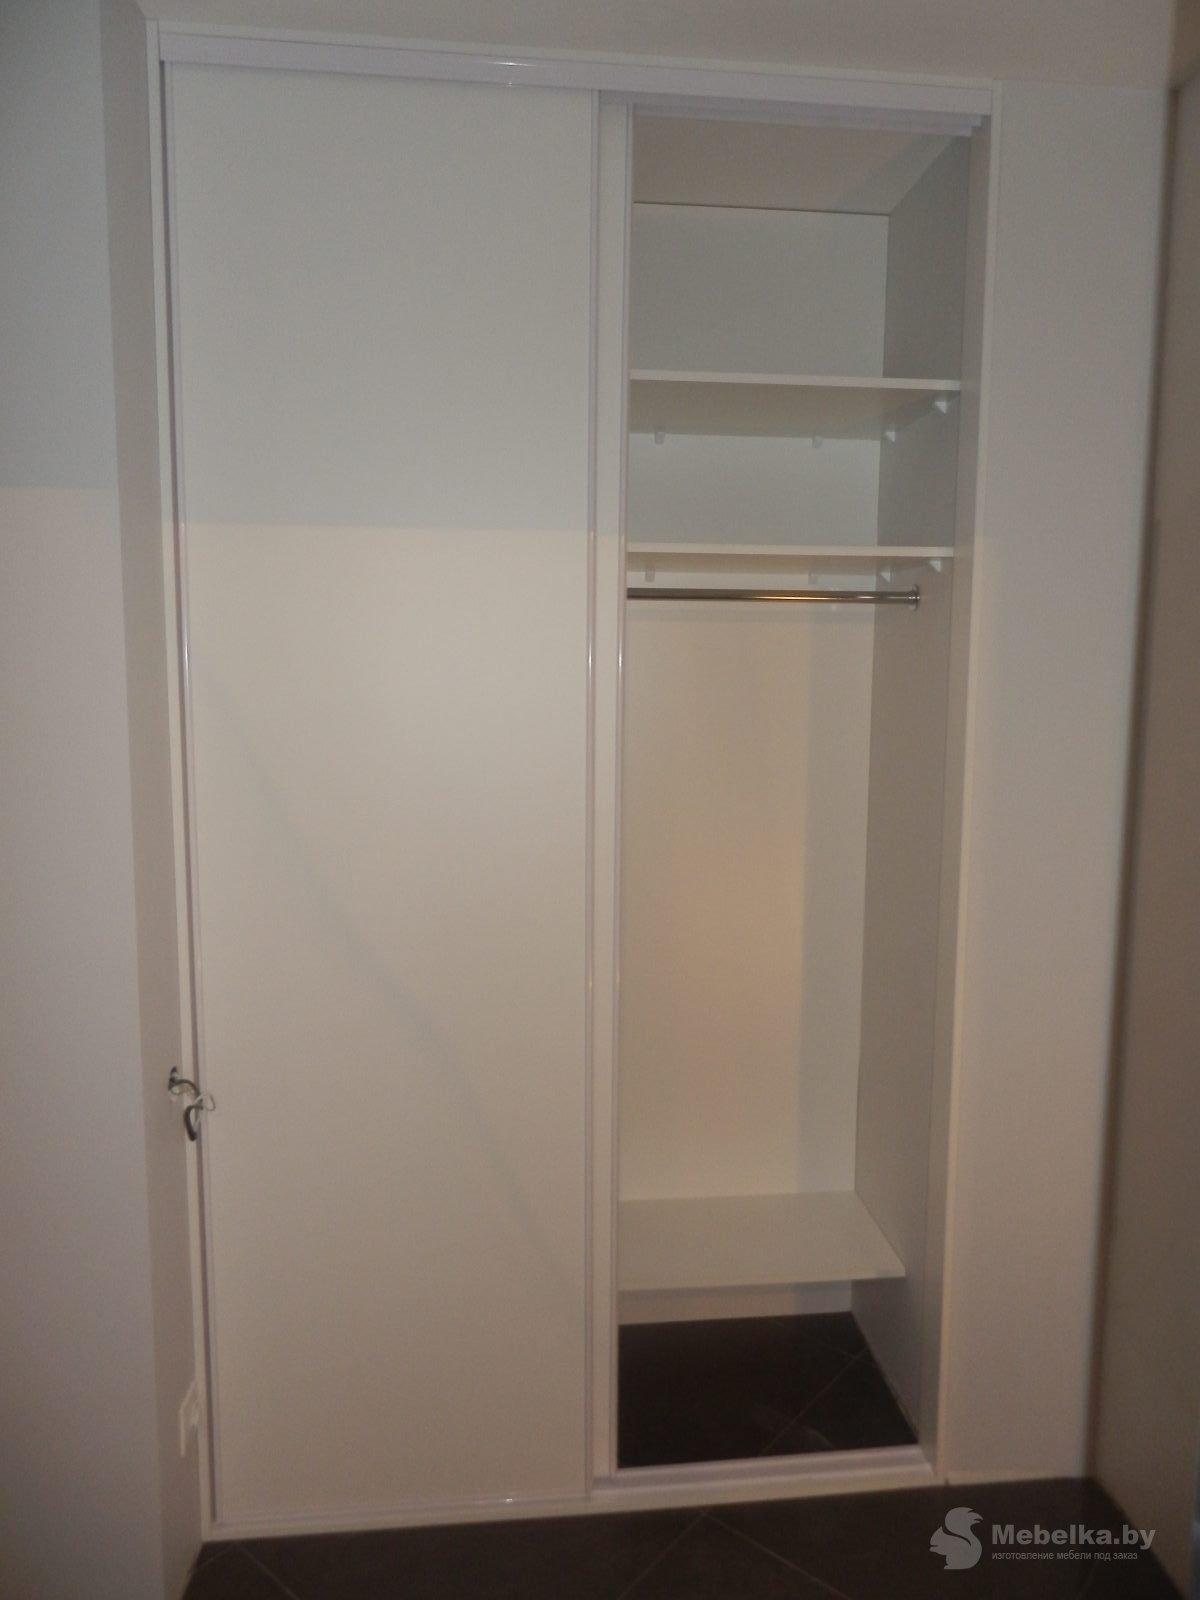 Отделение гардеробной для верхней одежды